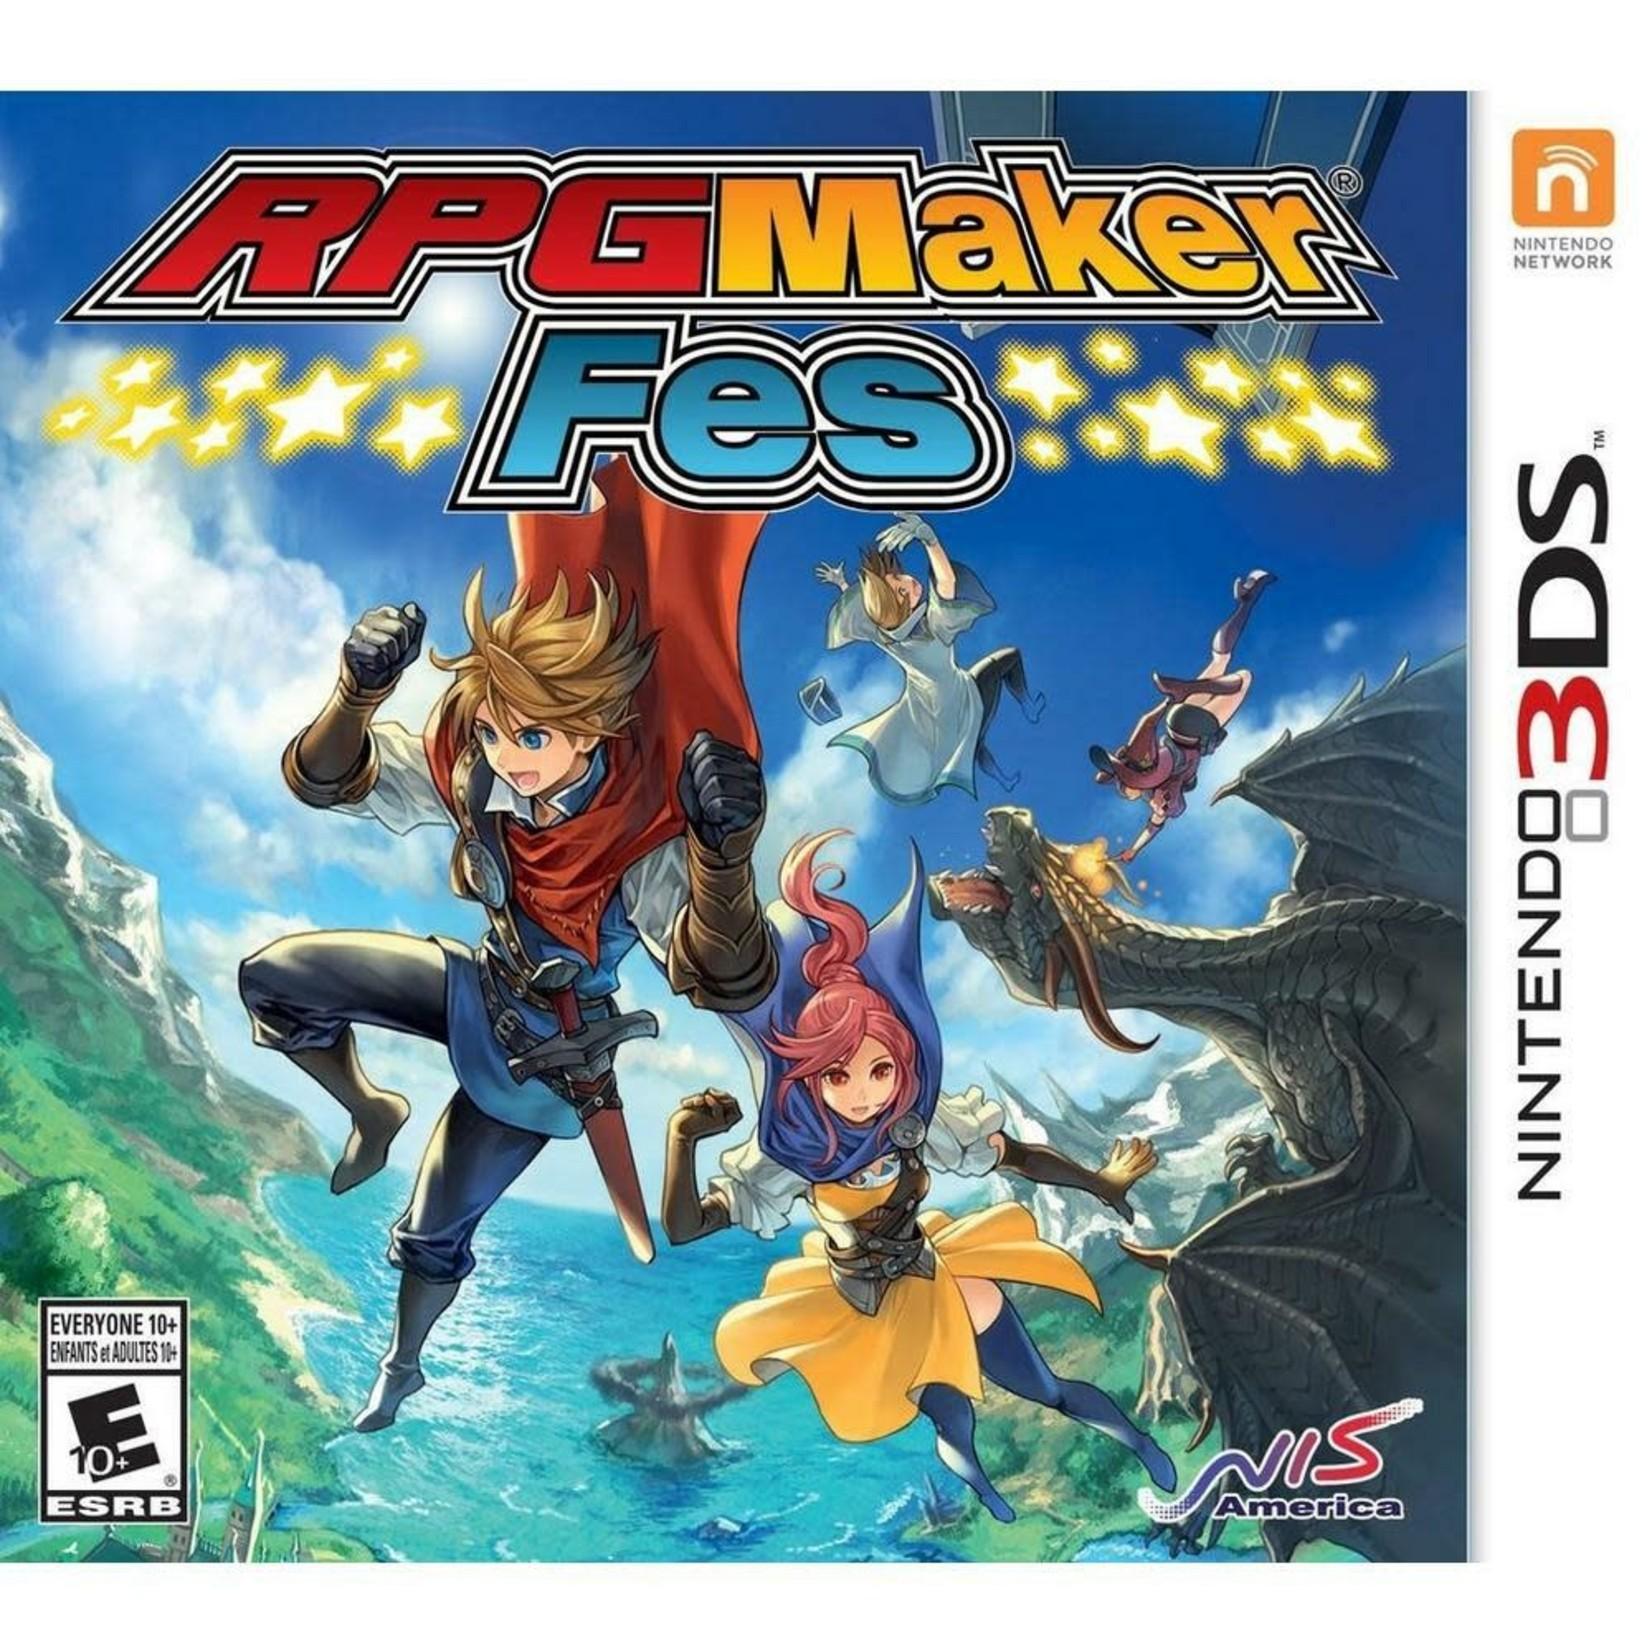 3DS-RPG Maker Fes